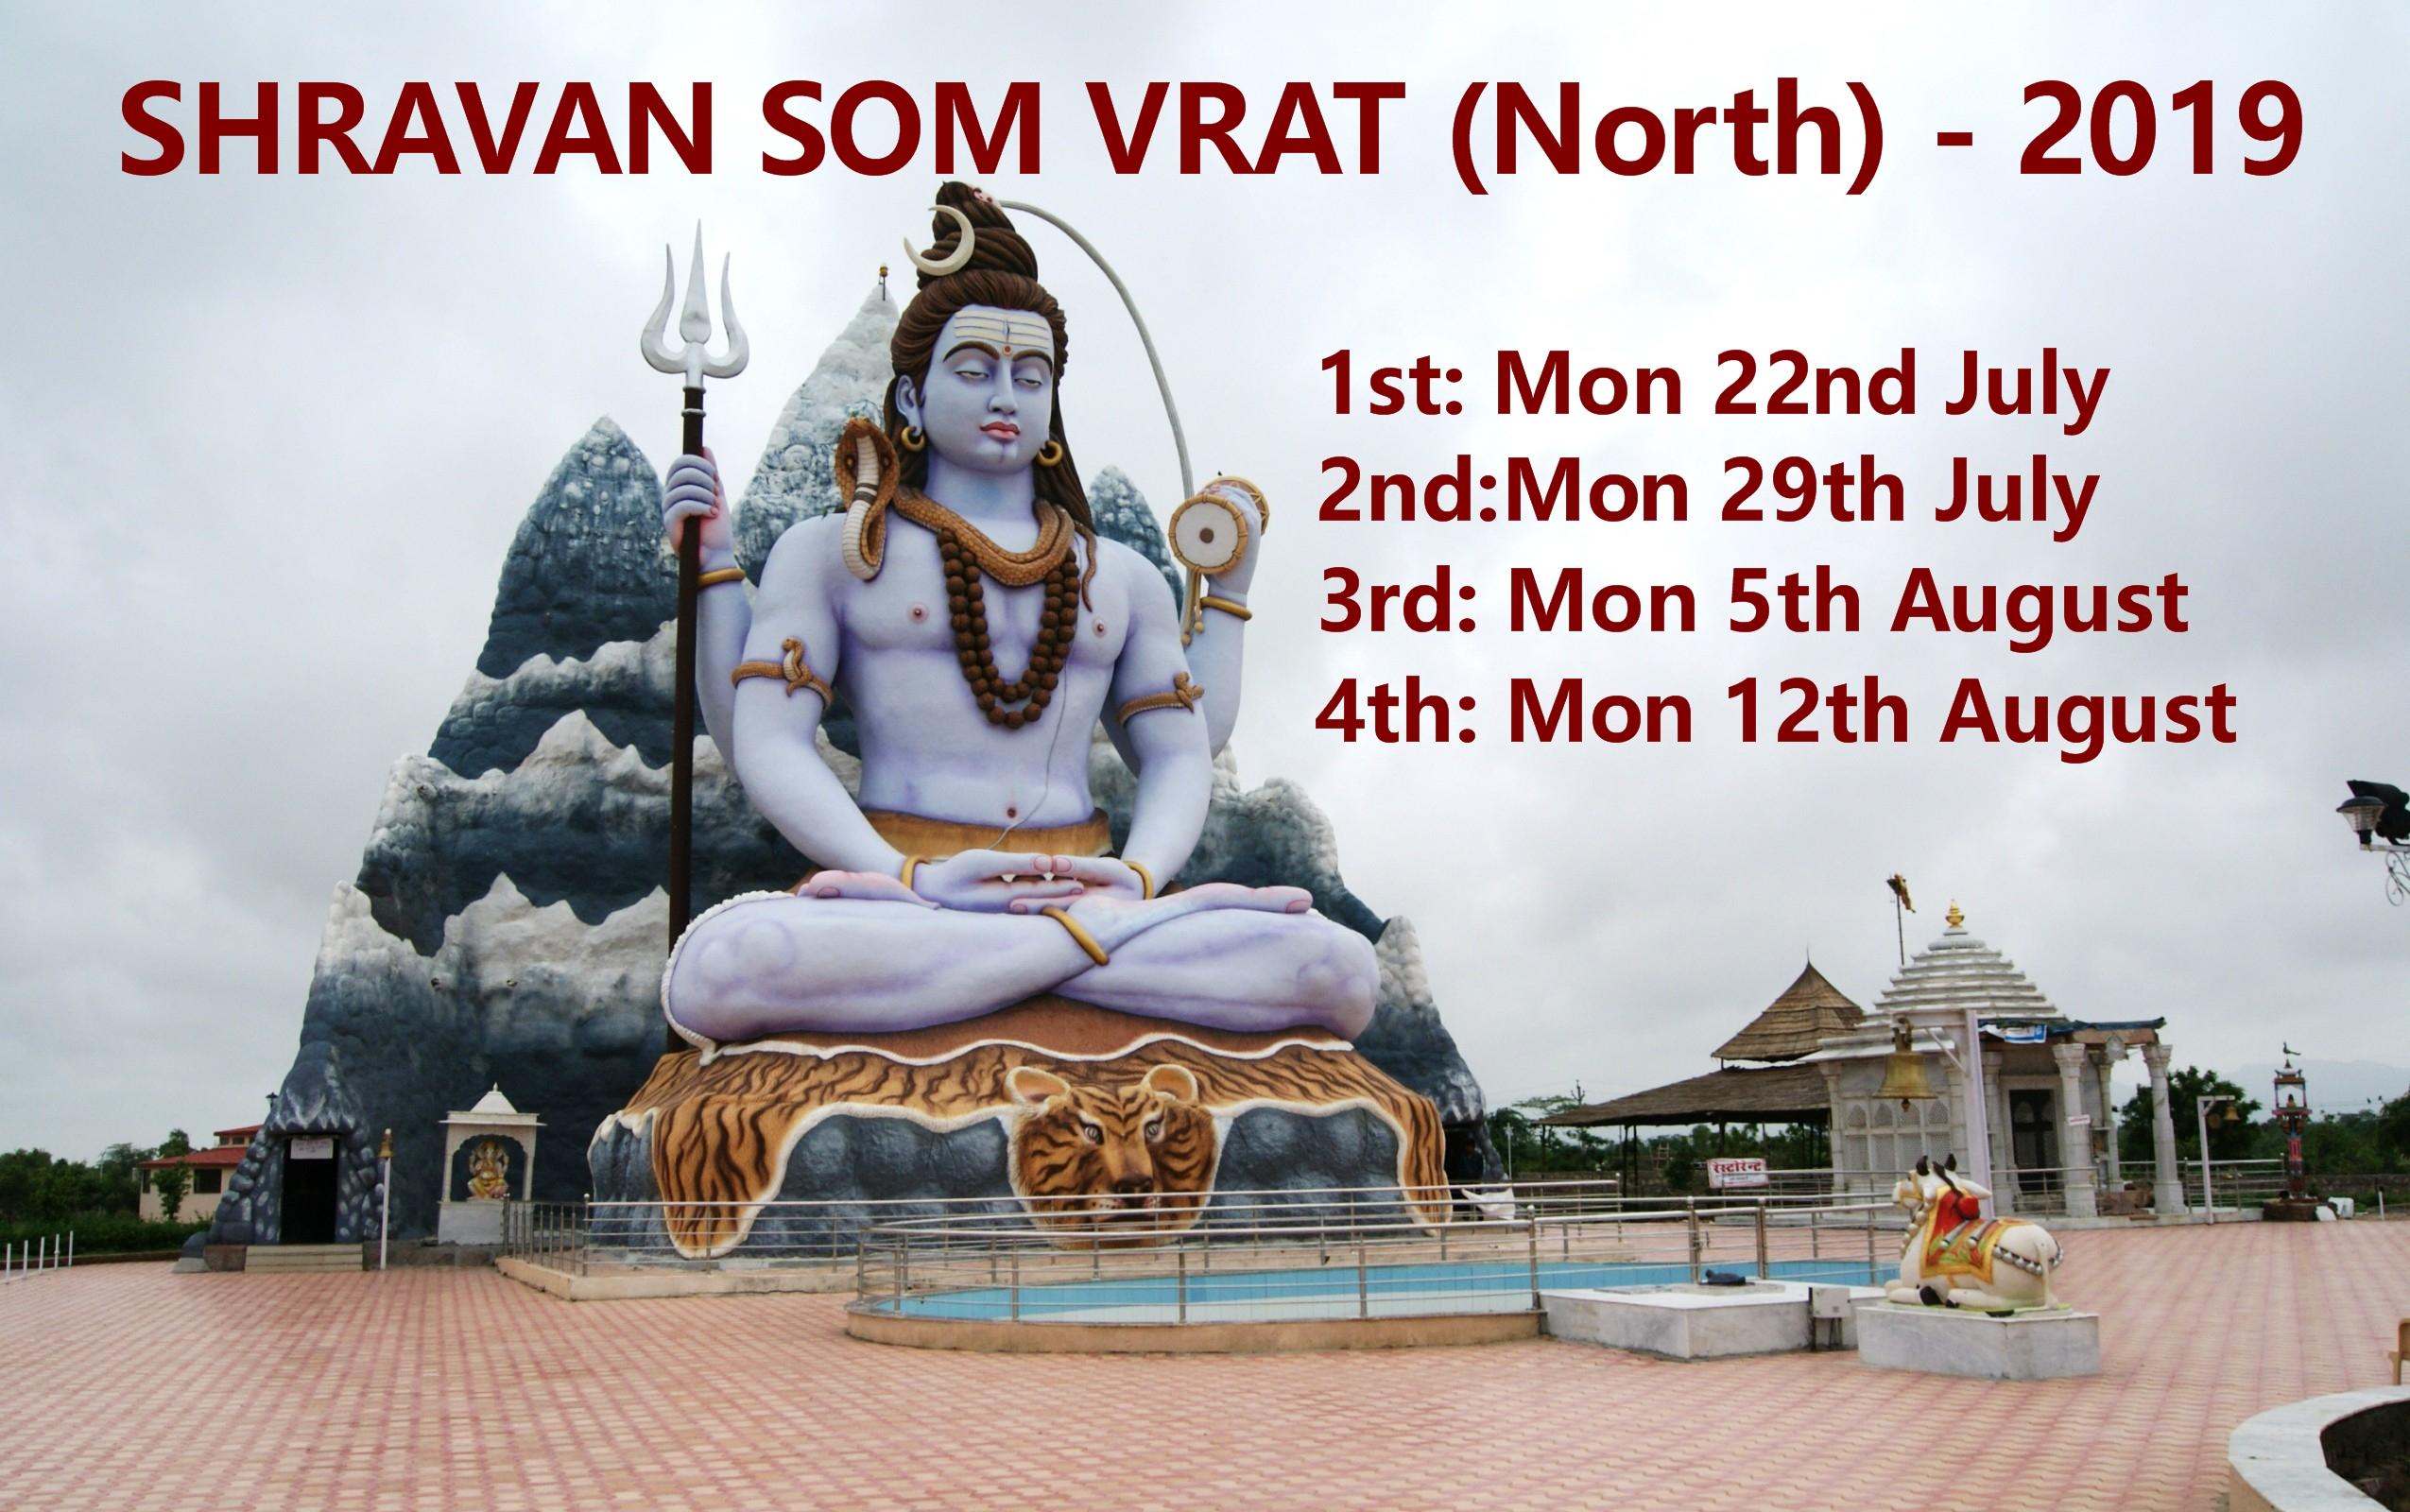 SHRAVAN SOM VRAT (NORTH) - MON AUG 22, 29 - Vishnu Mandir